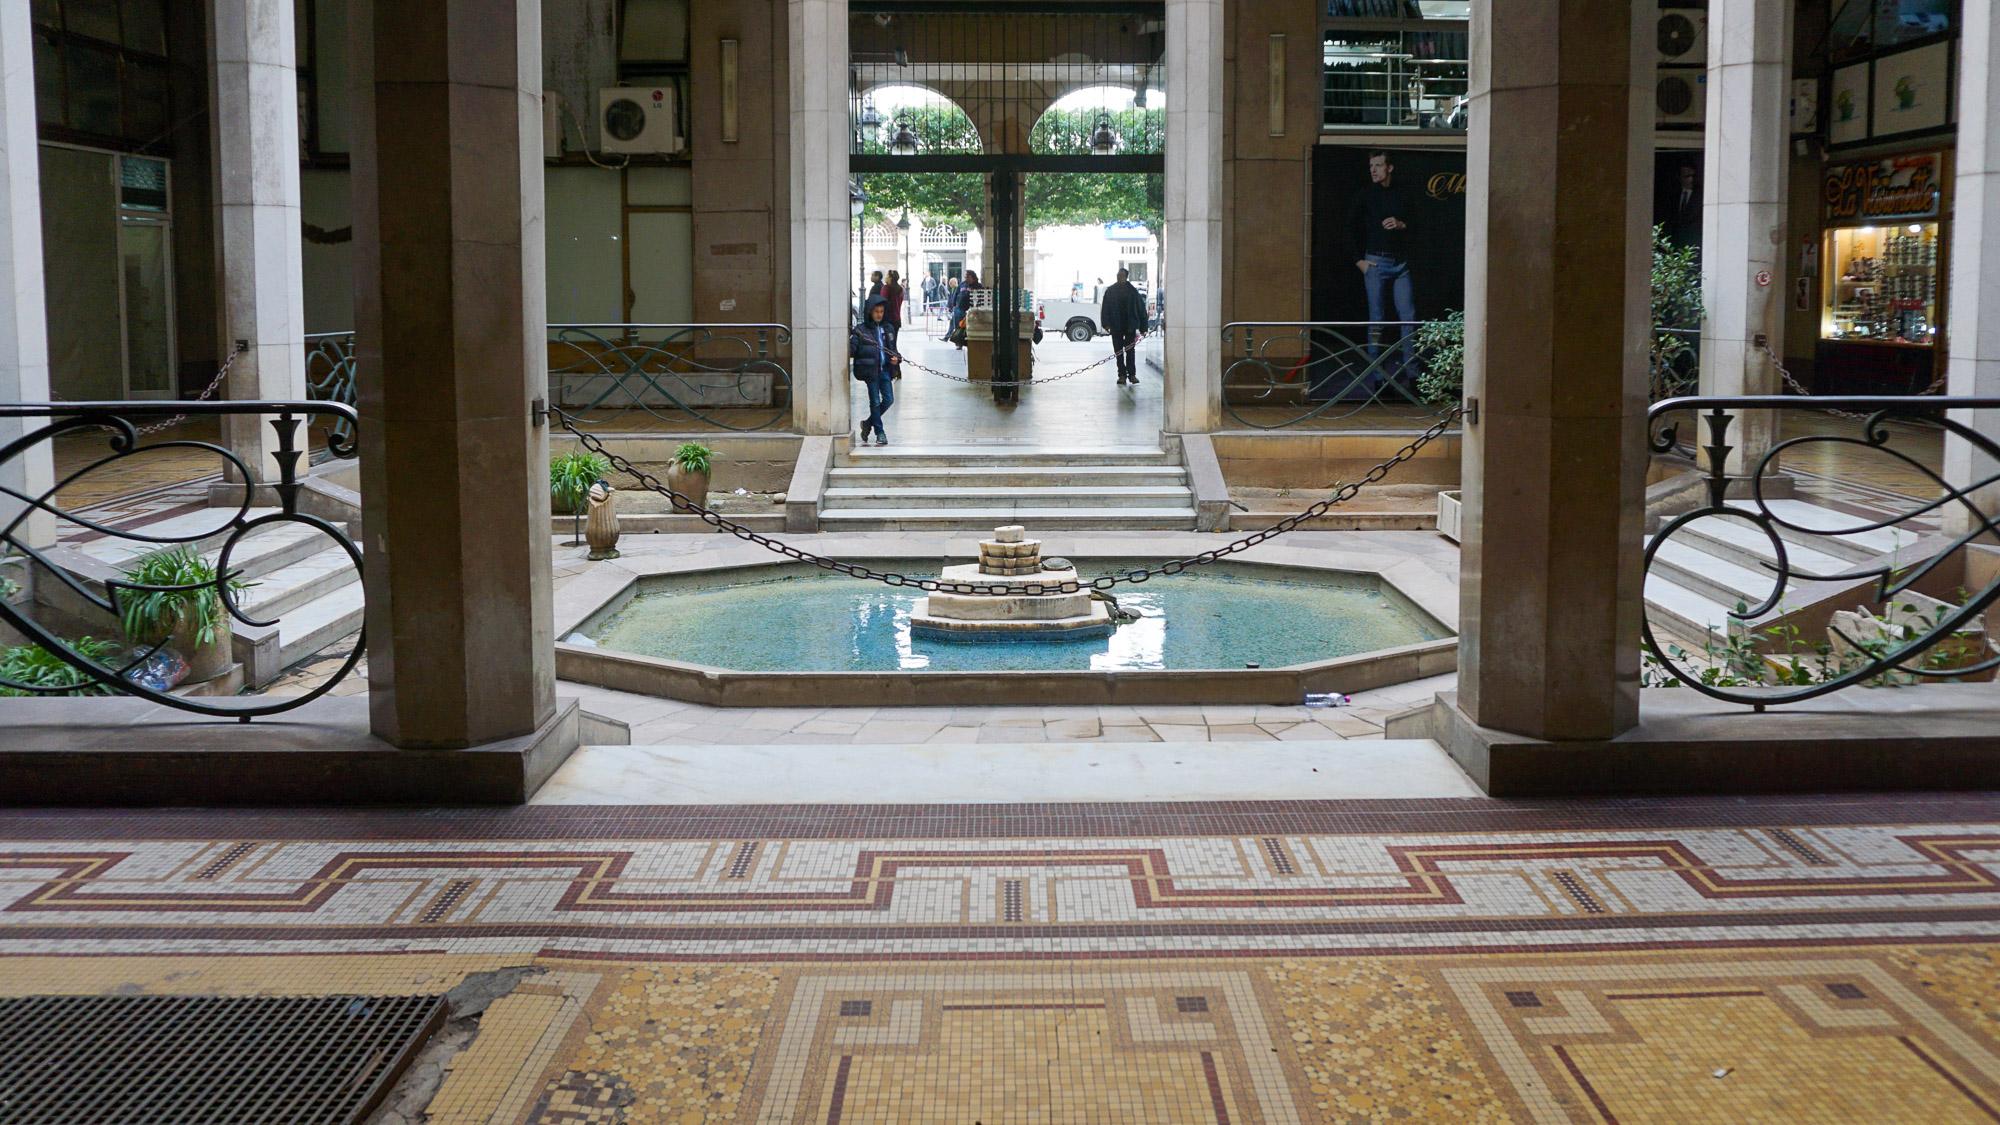 Innenhof eines älteren Gebäudes mit Springbrunnen und Mosaikfußboden